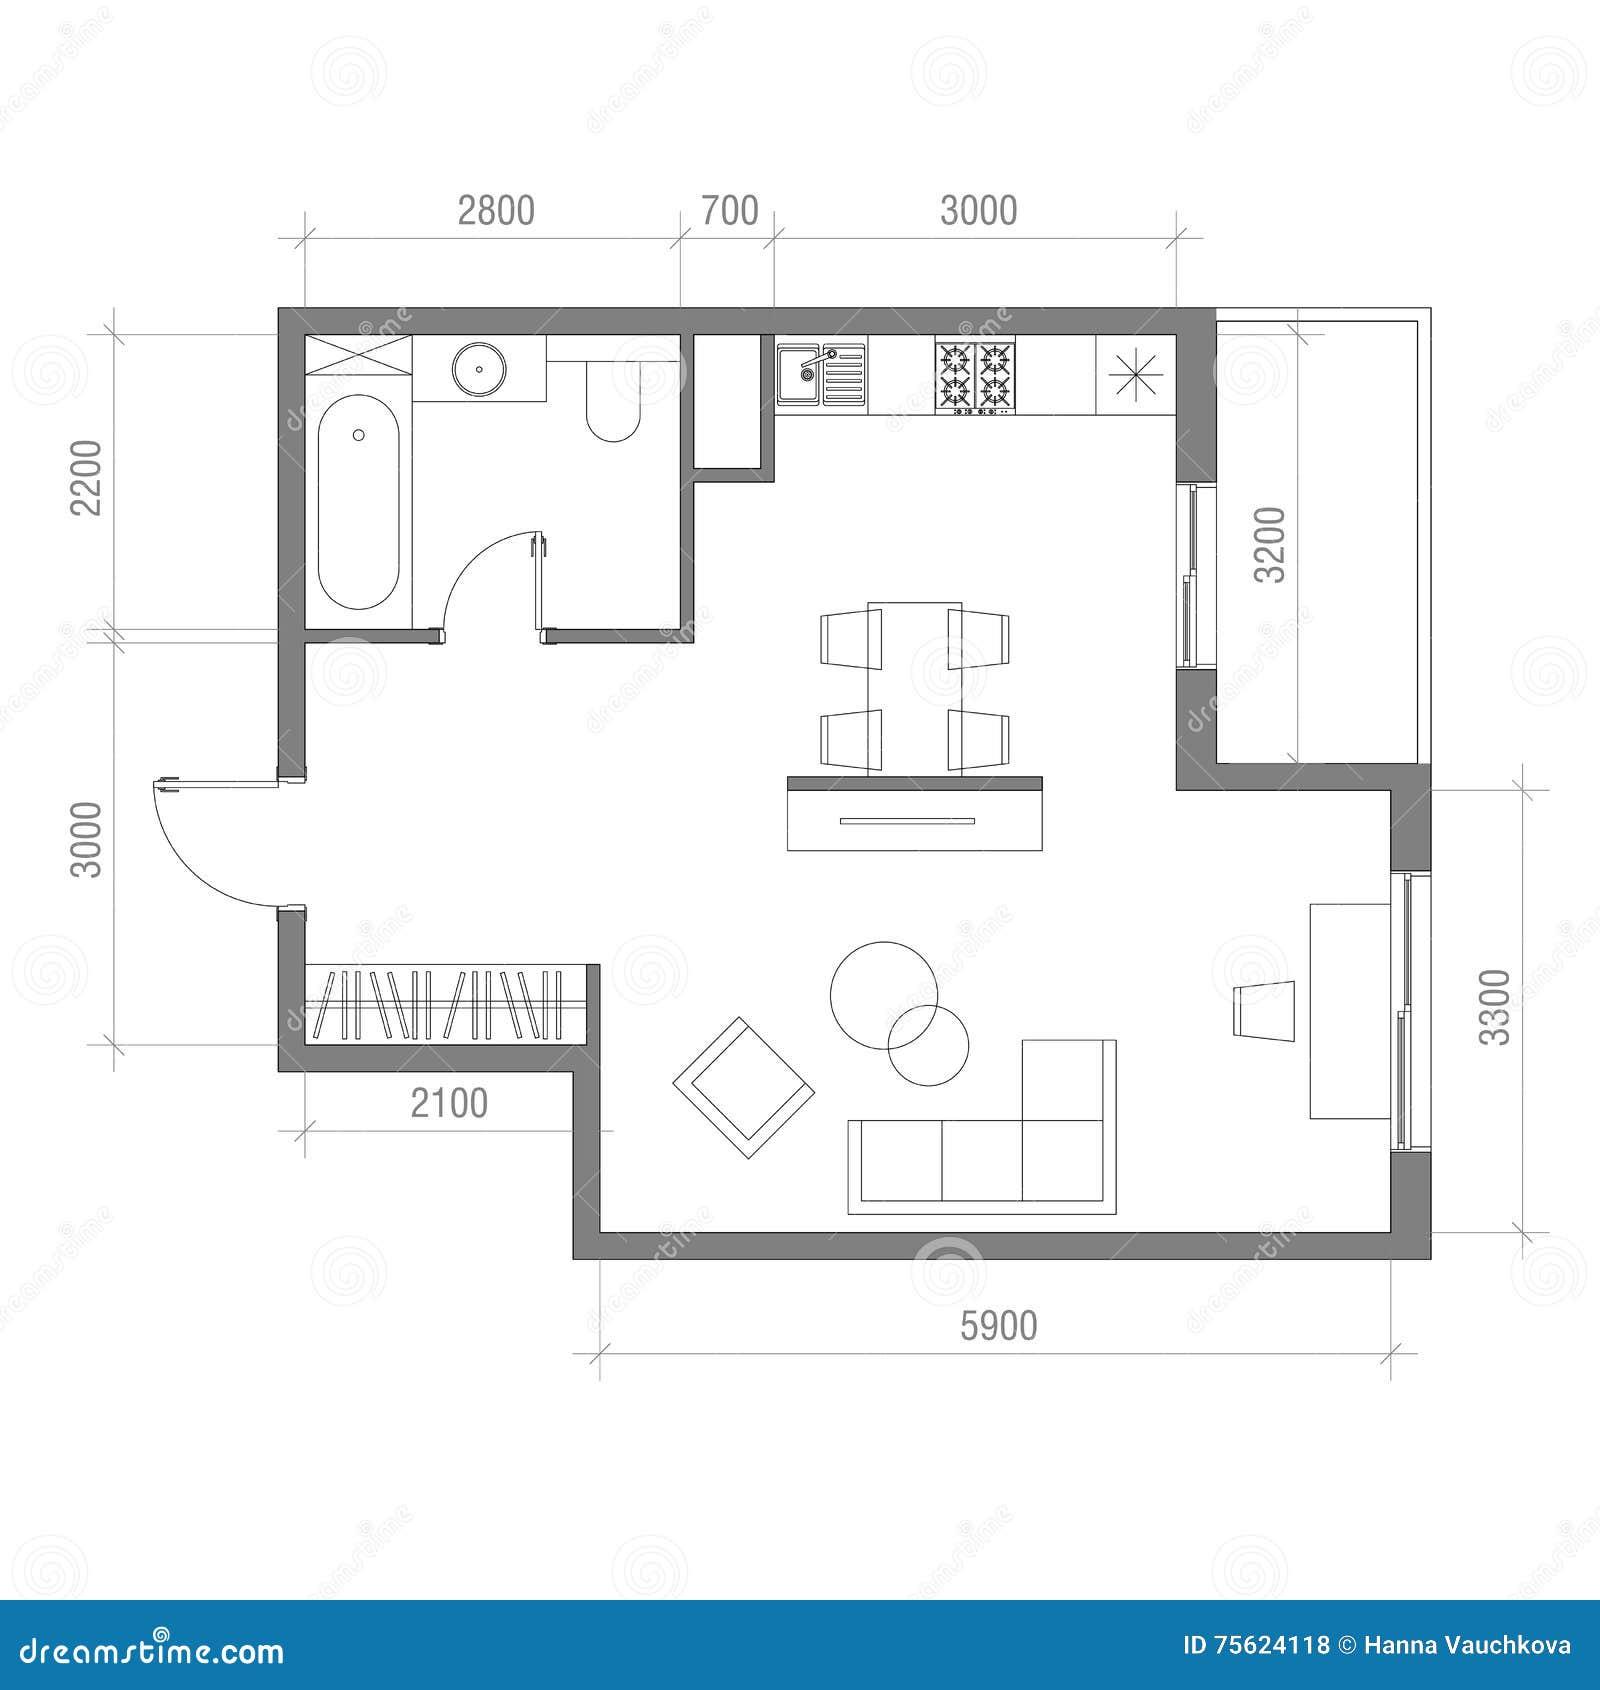 architecturaal vloerplan met afmetingen zitslaapkamer vectorillustratie de hoogste reeks van het meningsmeubilair woonkamer keuk